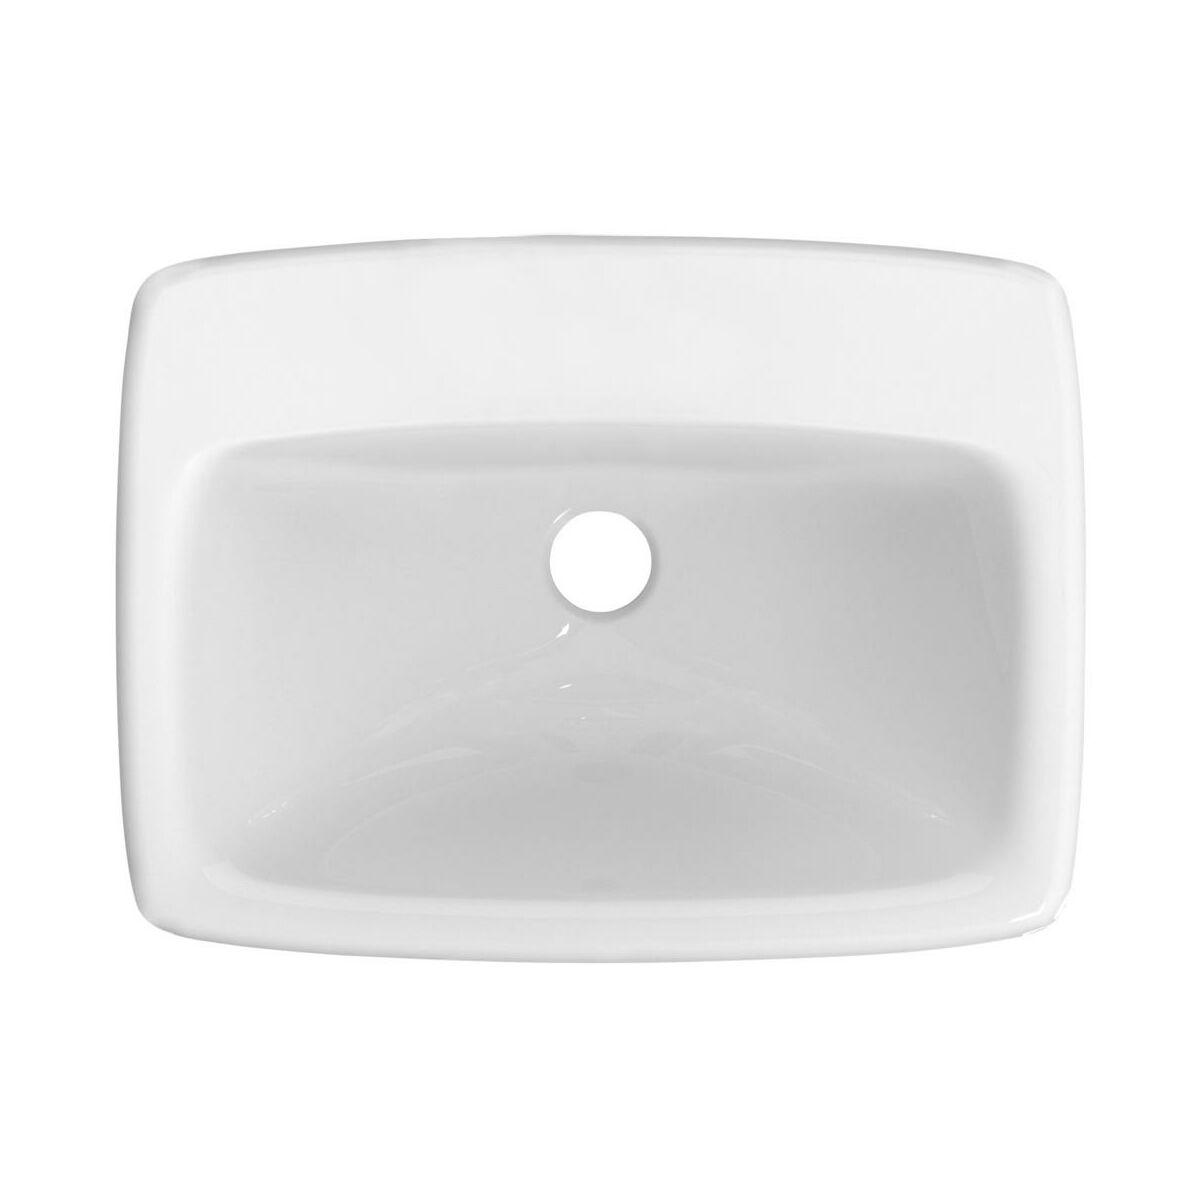 Umywalka Wpuszczana W Blat 60 Koło Nova Pro Umywalki W